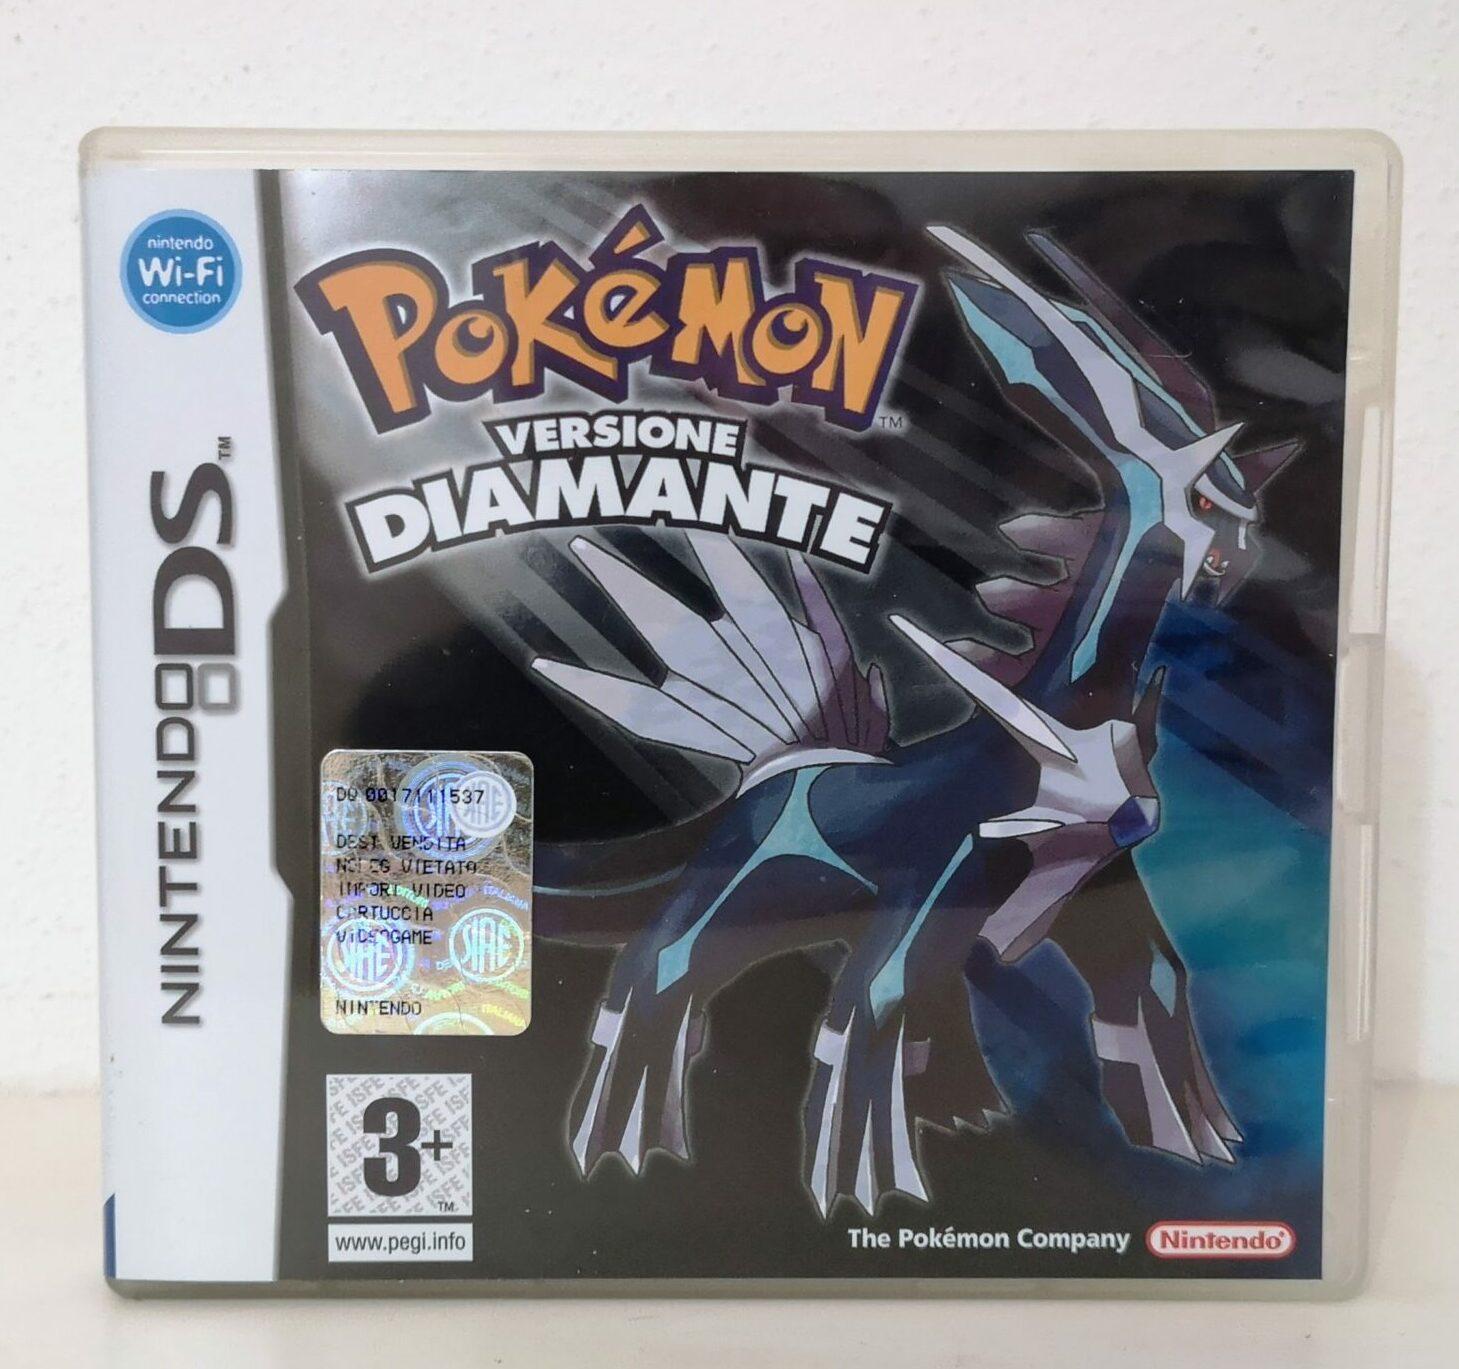 Pokémon Versione Diamante